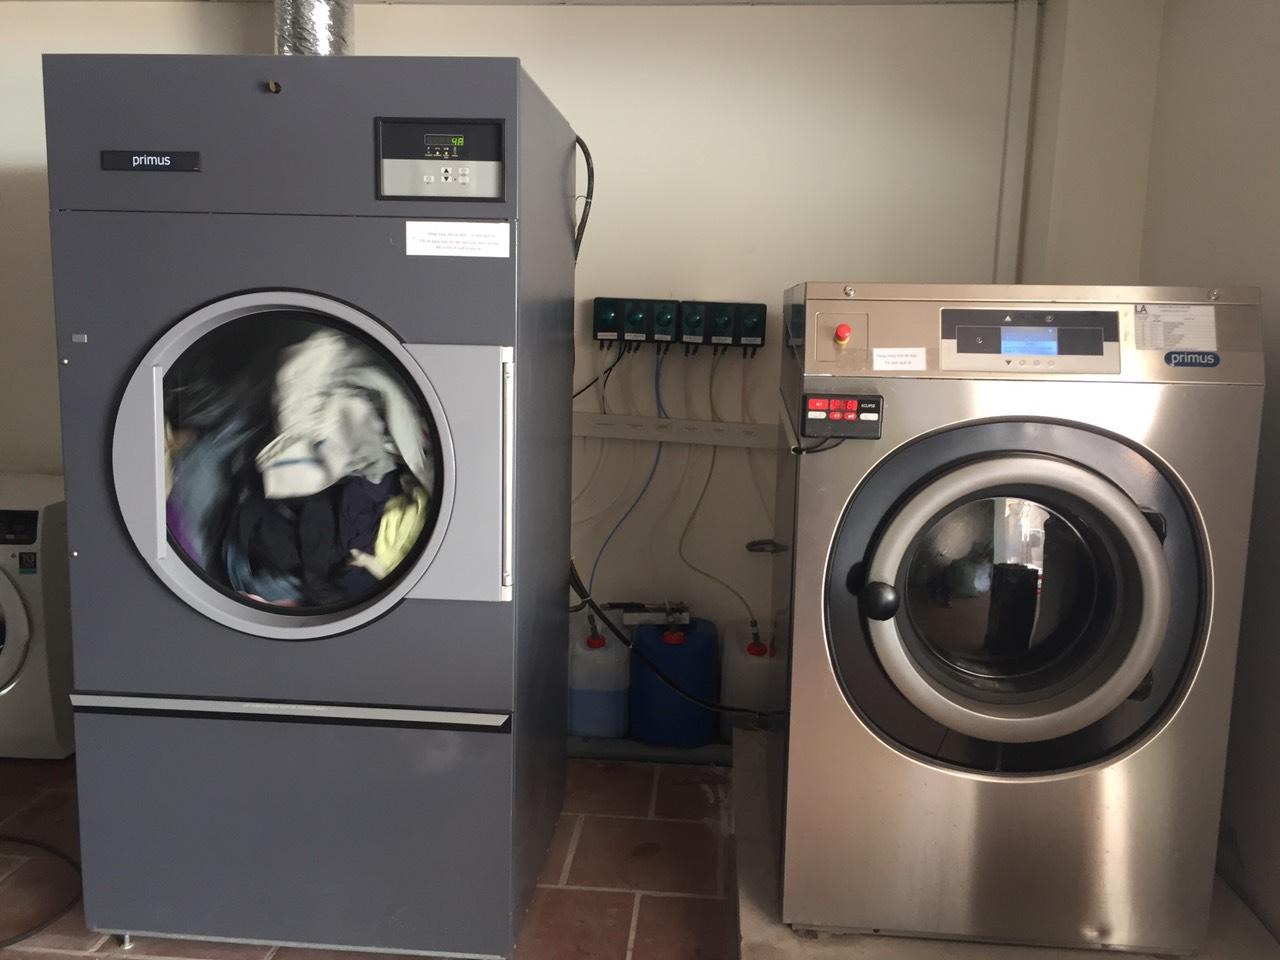 Máy giặt công nghiệp 35kg ở đâu tốt và giá rẻ nhất